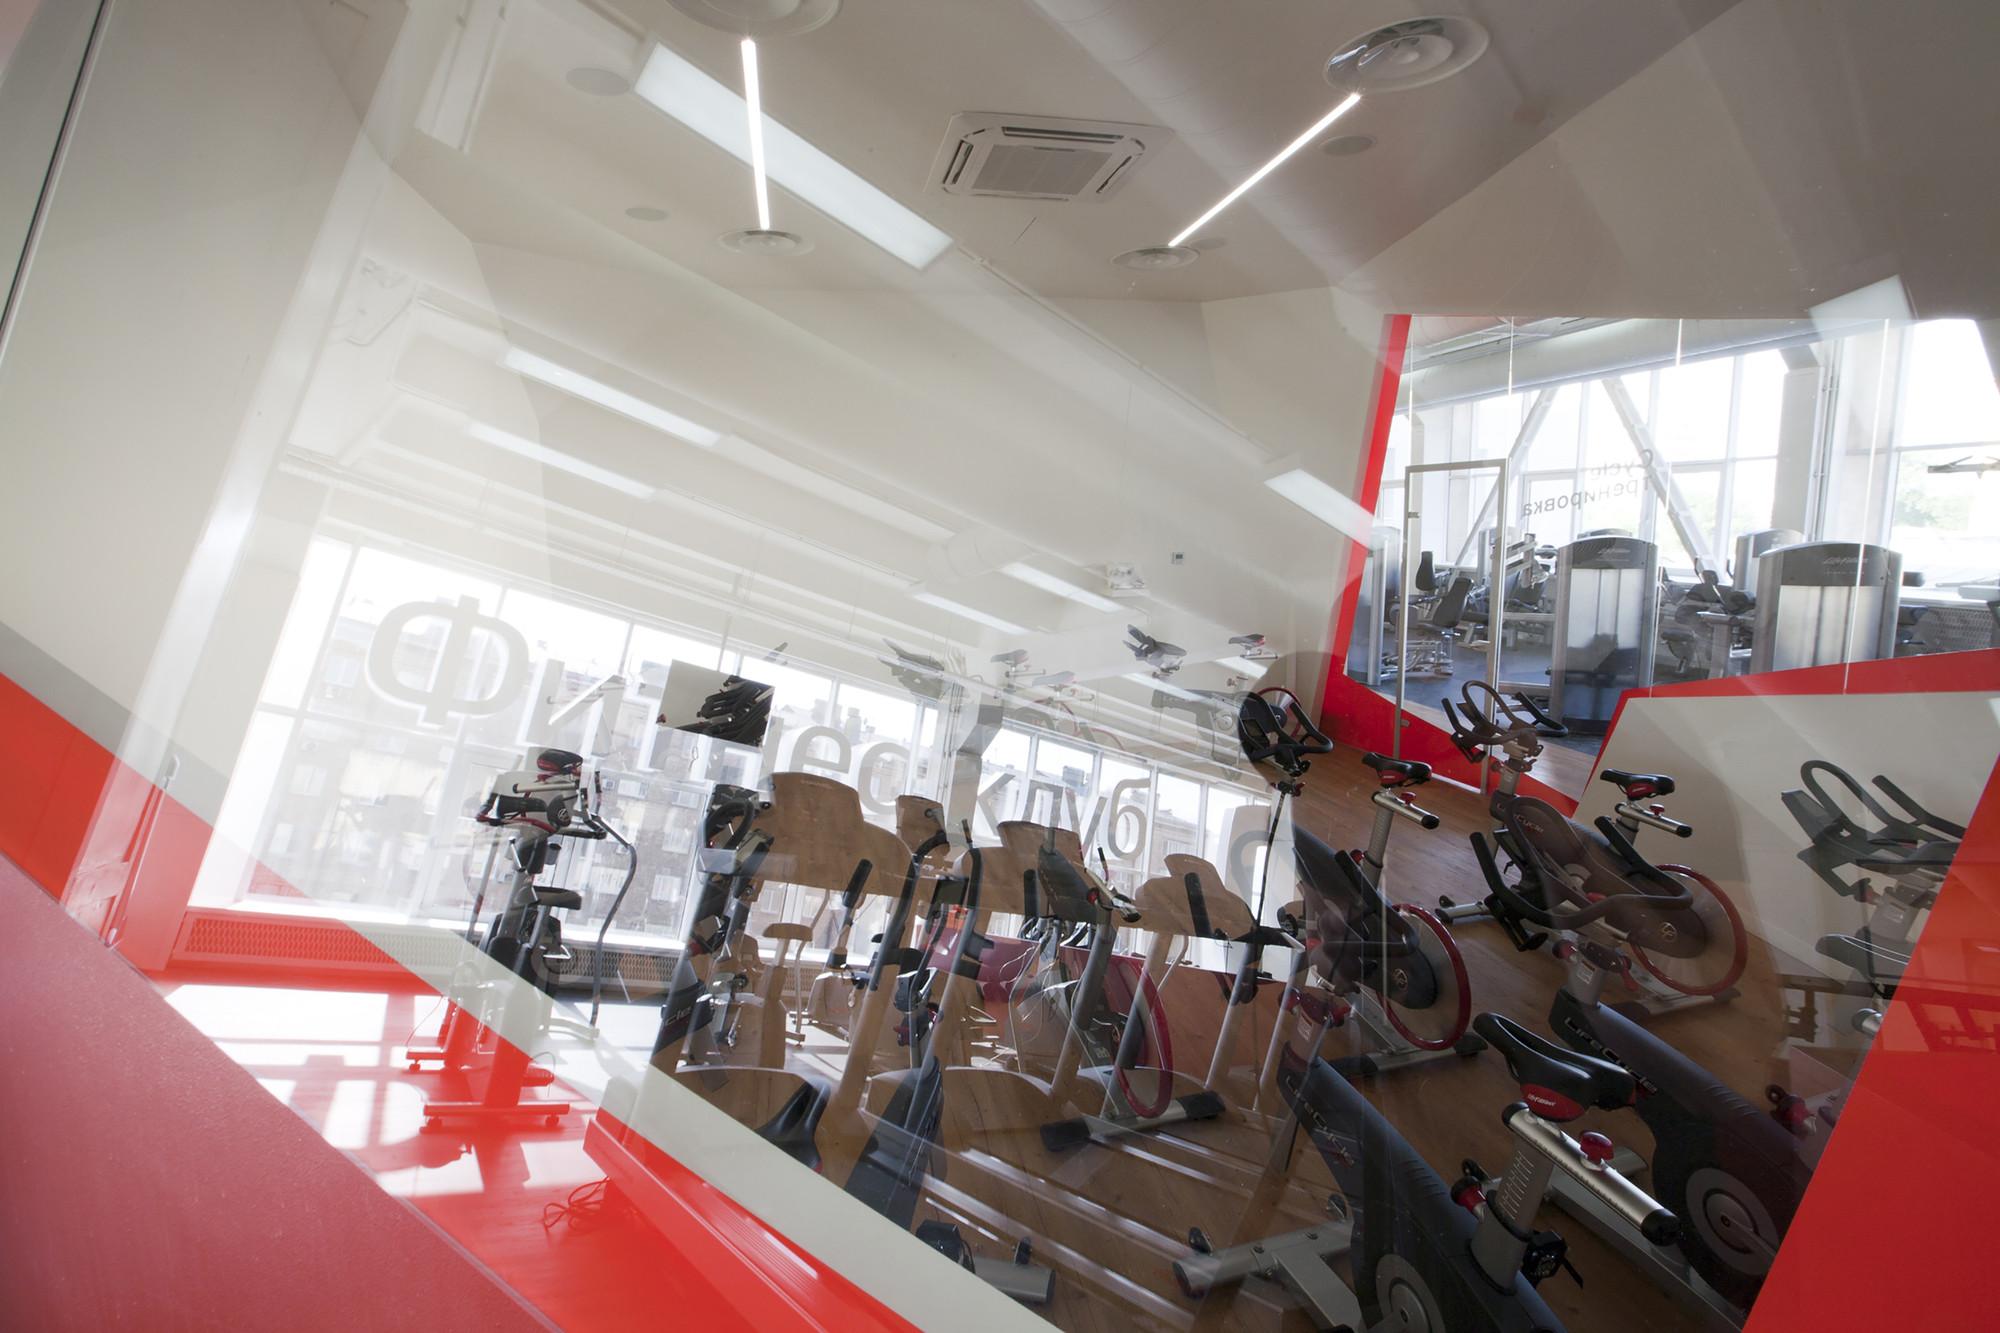 Дизайн фитнес-клуба: современные тренажёры